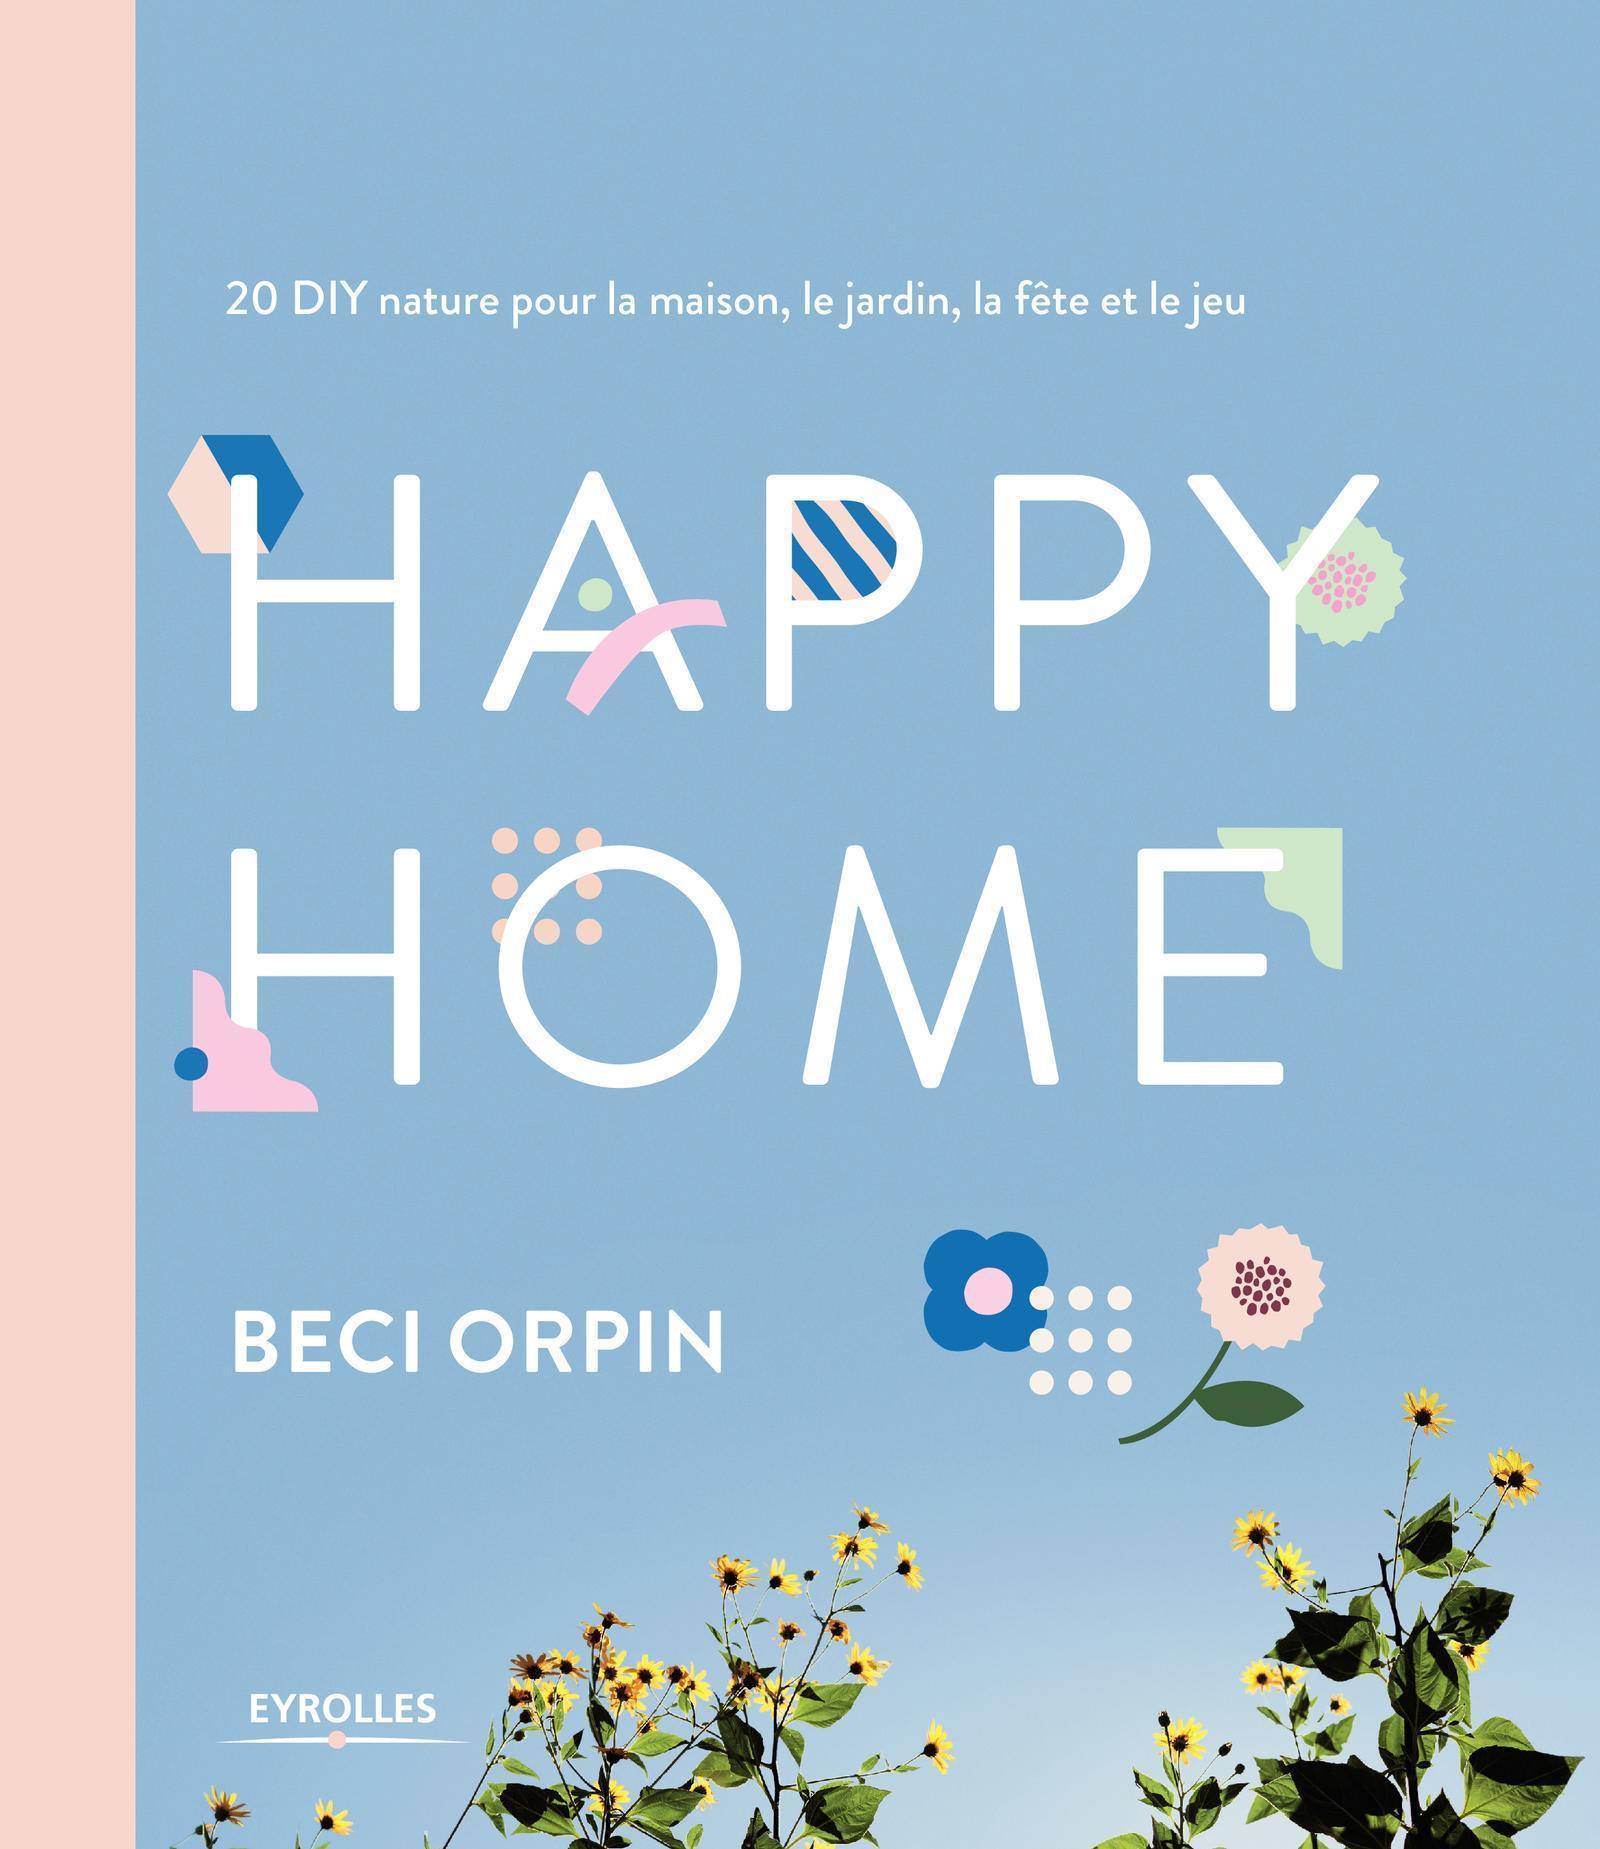 HAPPY HOME - 20 DIY NATURE POUR LA MAISON  LE JARDIN  LA FETE ET LE JEU